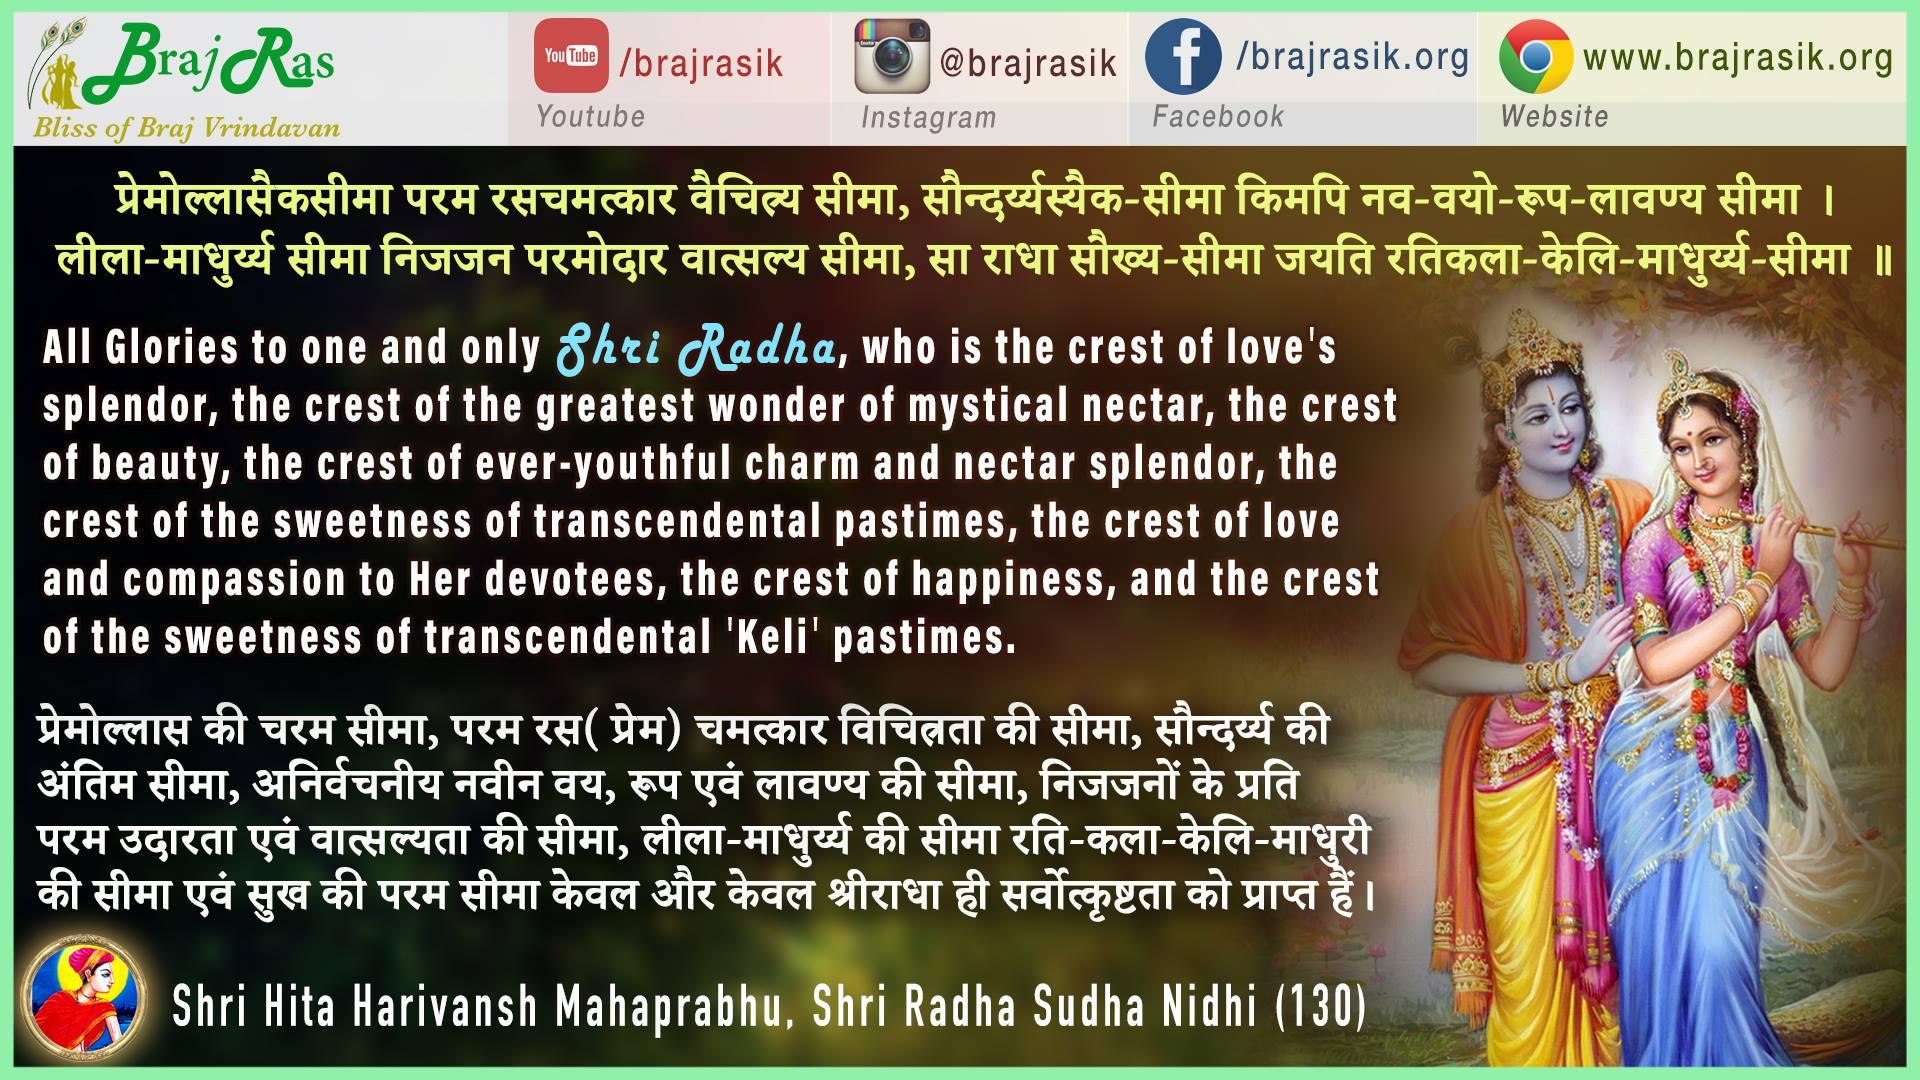 Premollasaika Seema Param Ras Chamatkar Vaichitrya Seema - Shri Hita Harivansh Mahaprabhu, Shri Radha Sudha Nidhi (130)